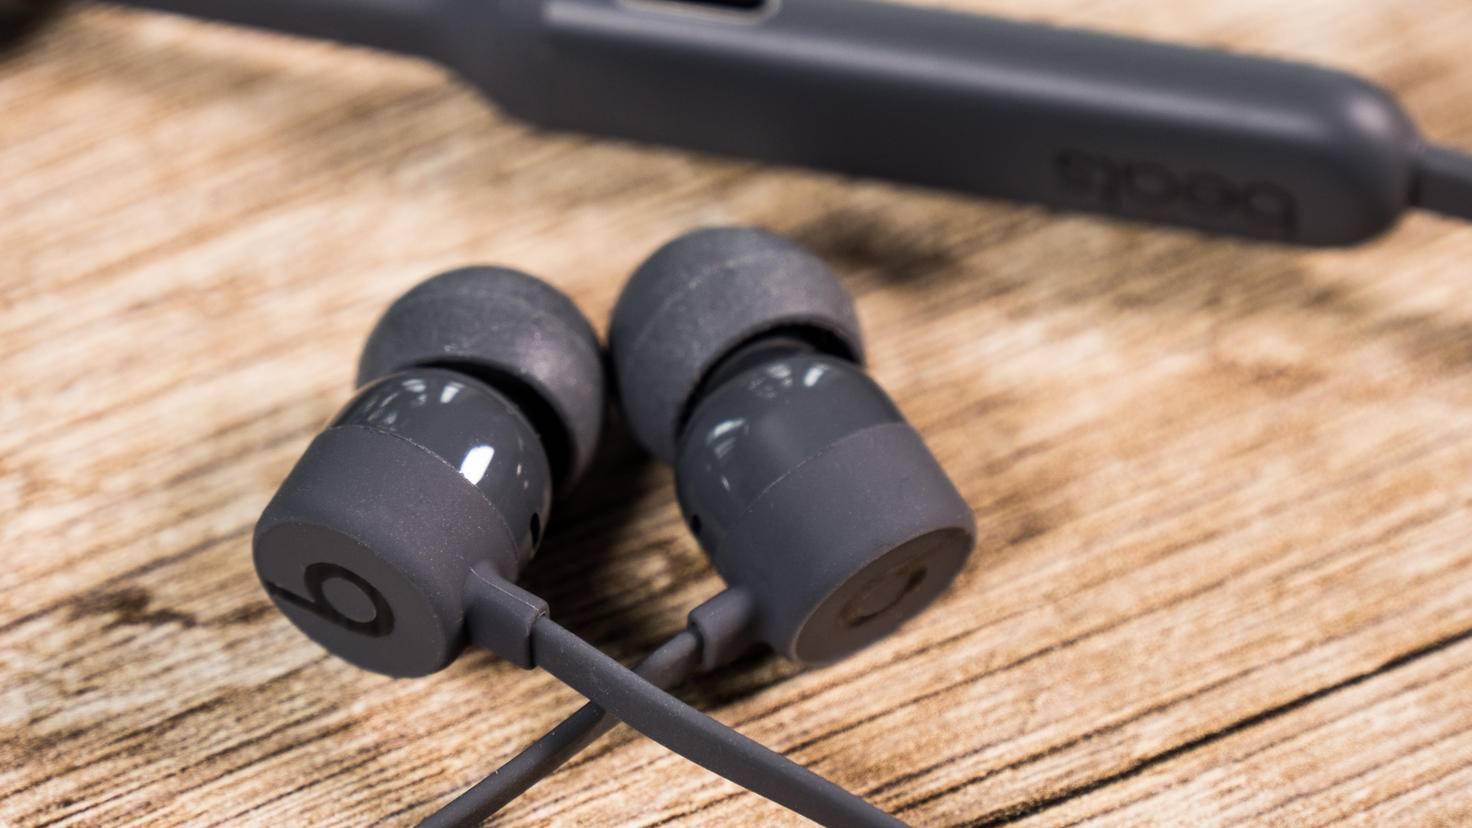 Die Ohrhörer des Beats X sitzen bequem und fest.